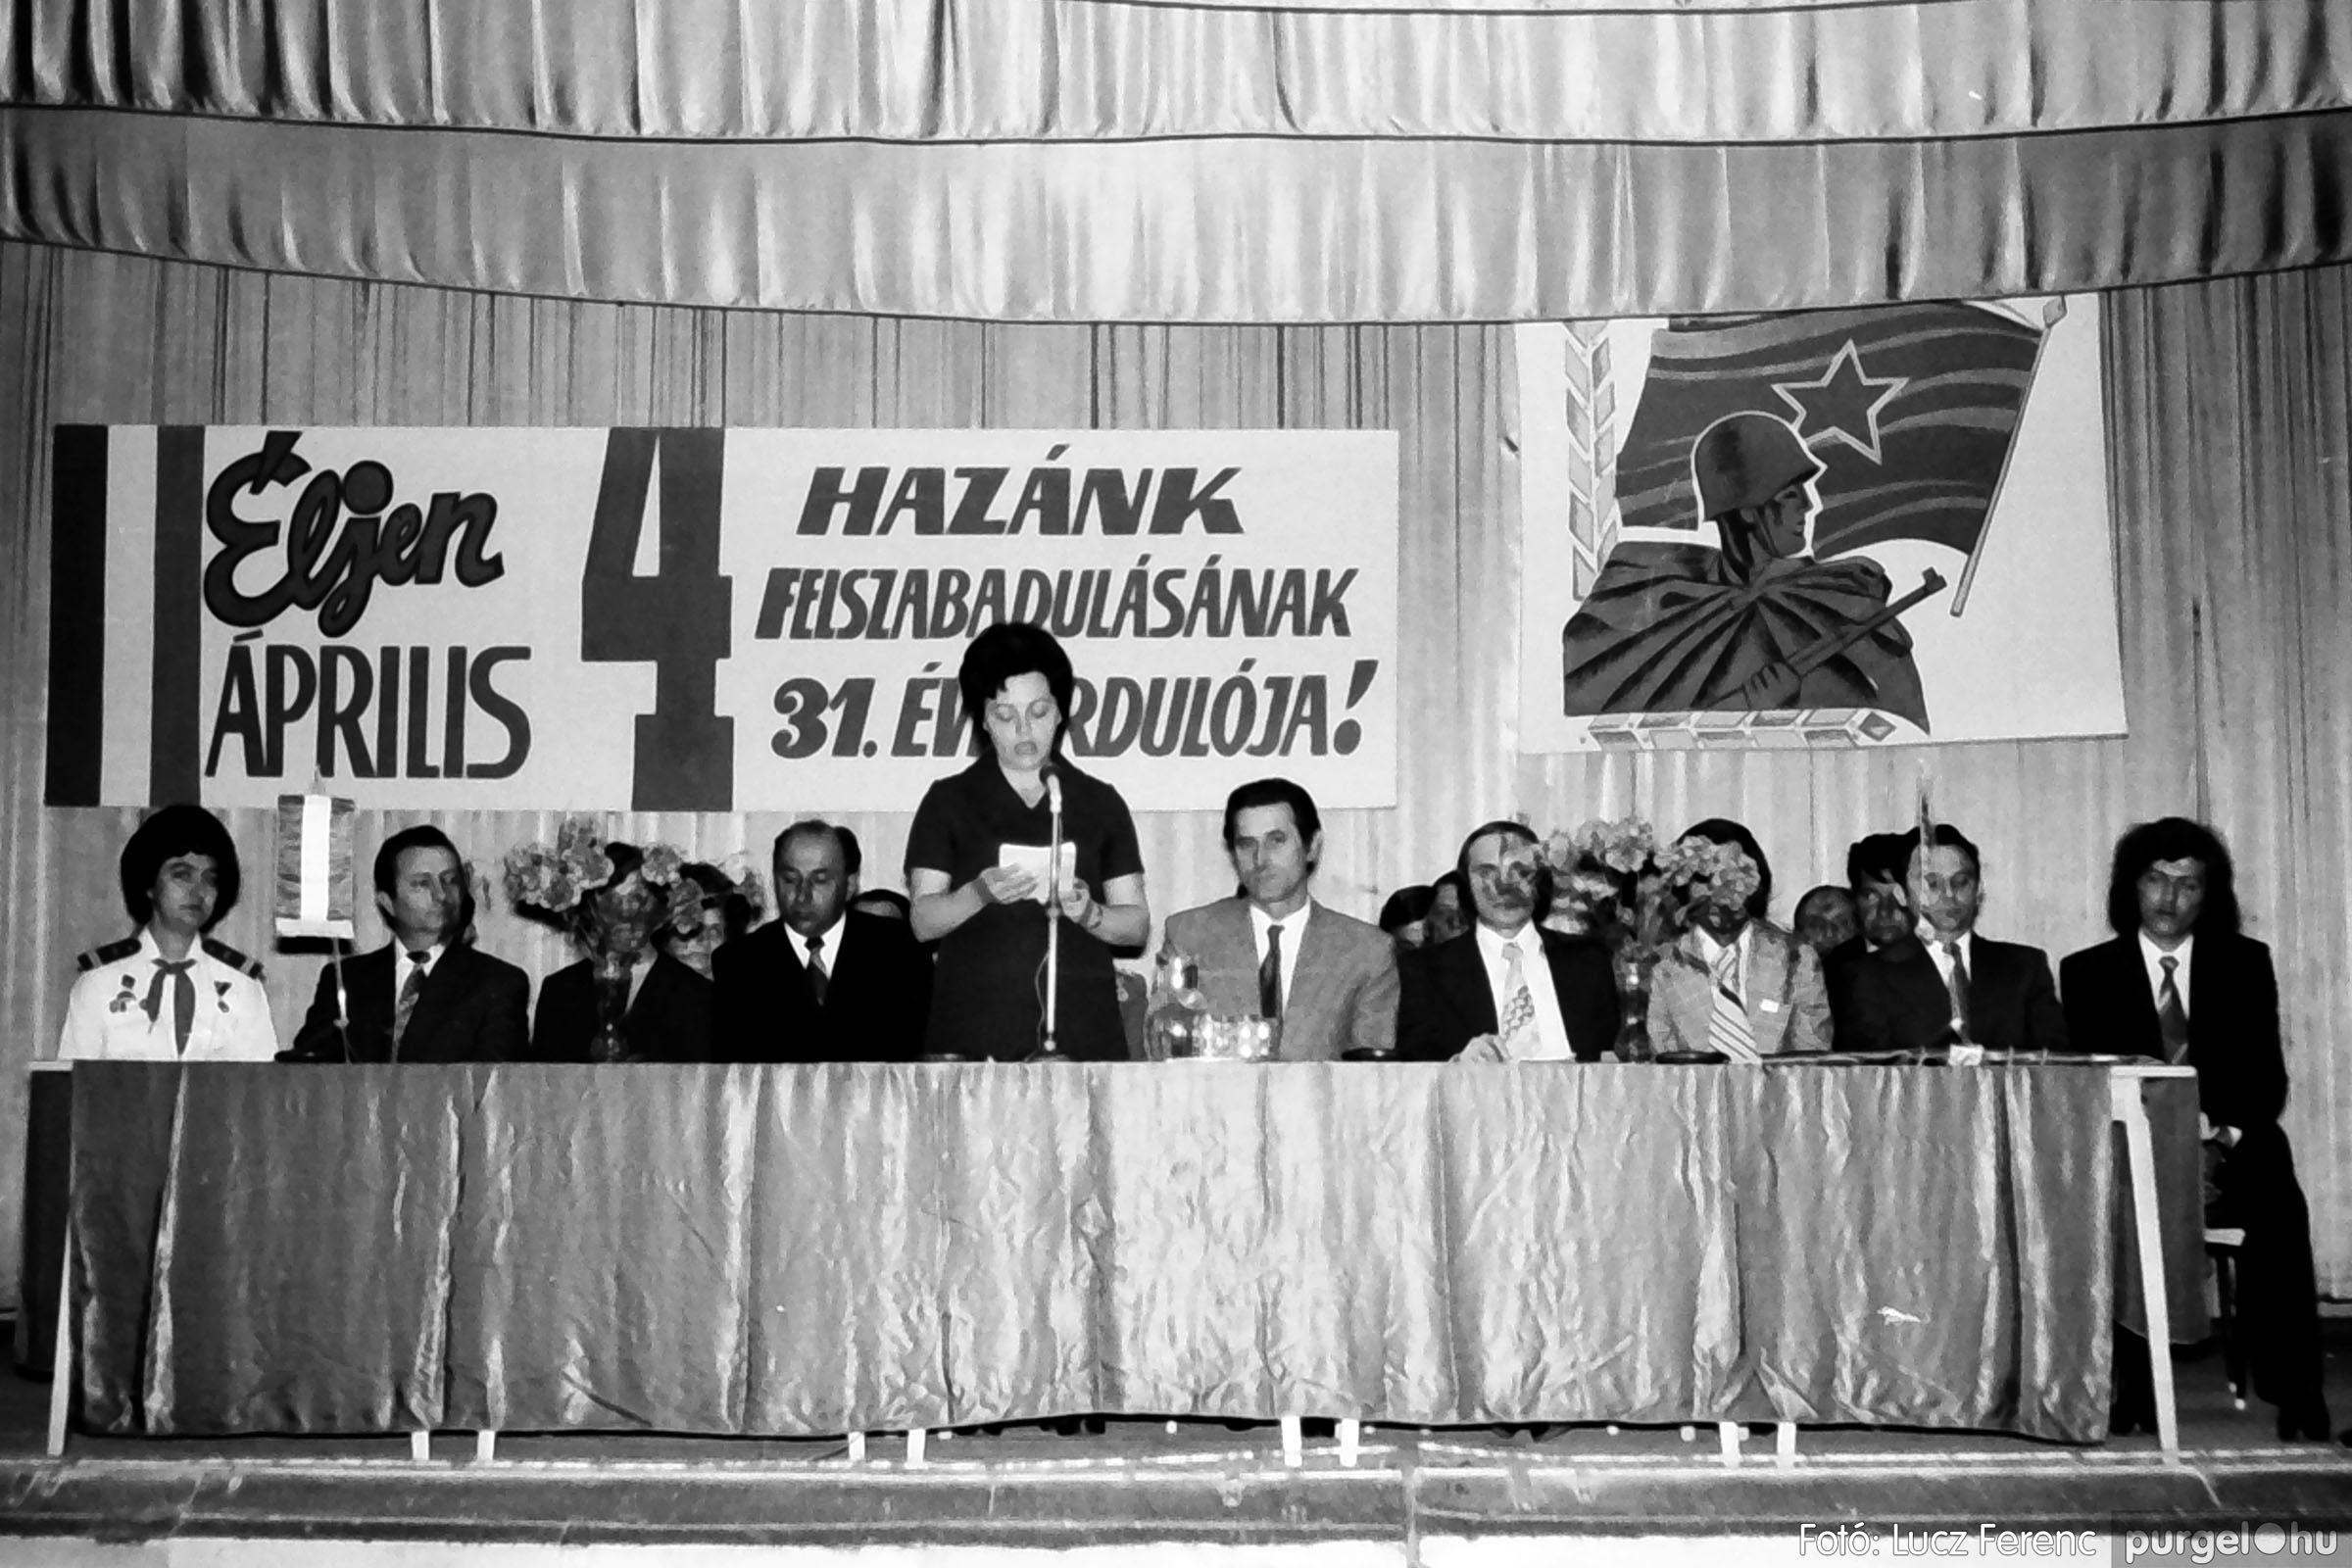 039. 1976.04.04. Április 4-i ünnepség a kultúrházban 006. - Fotó: Lucz Ferenc.jpg